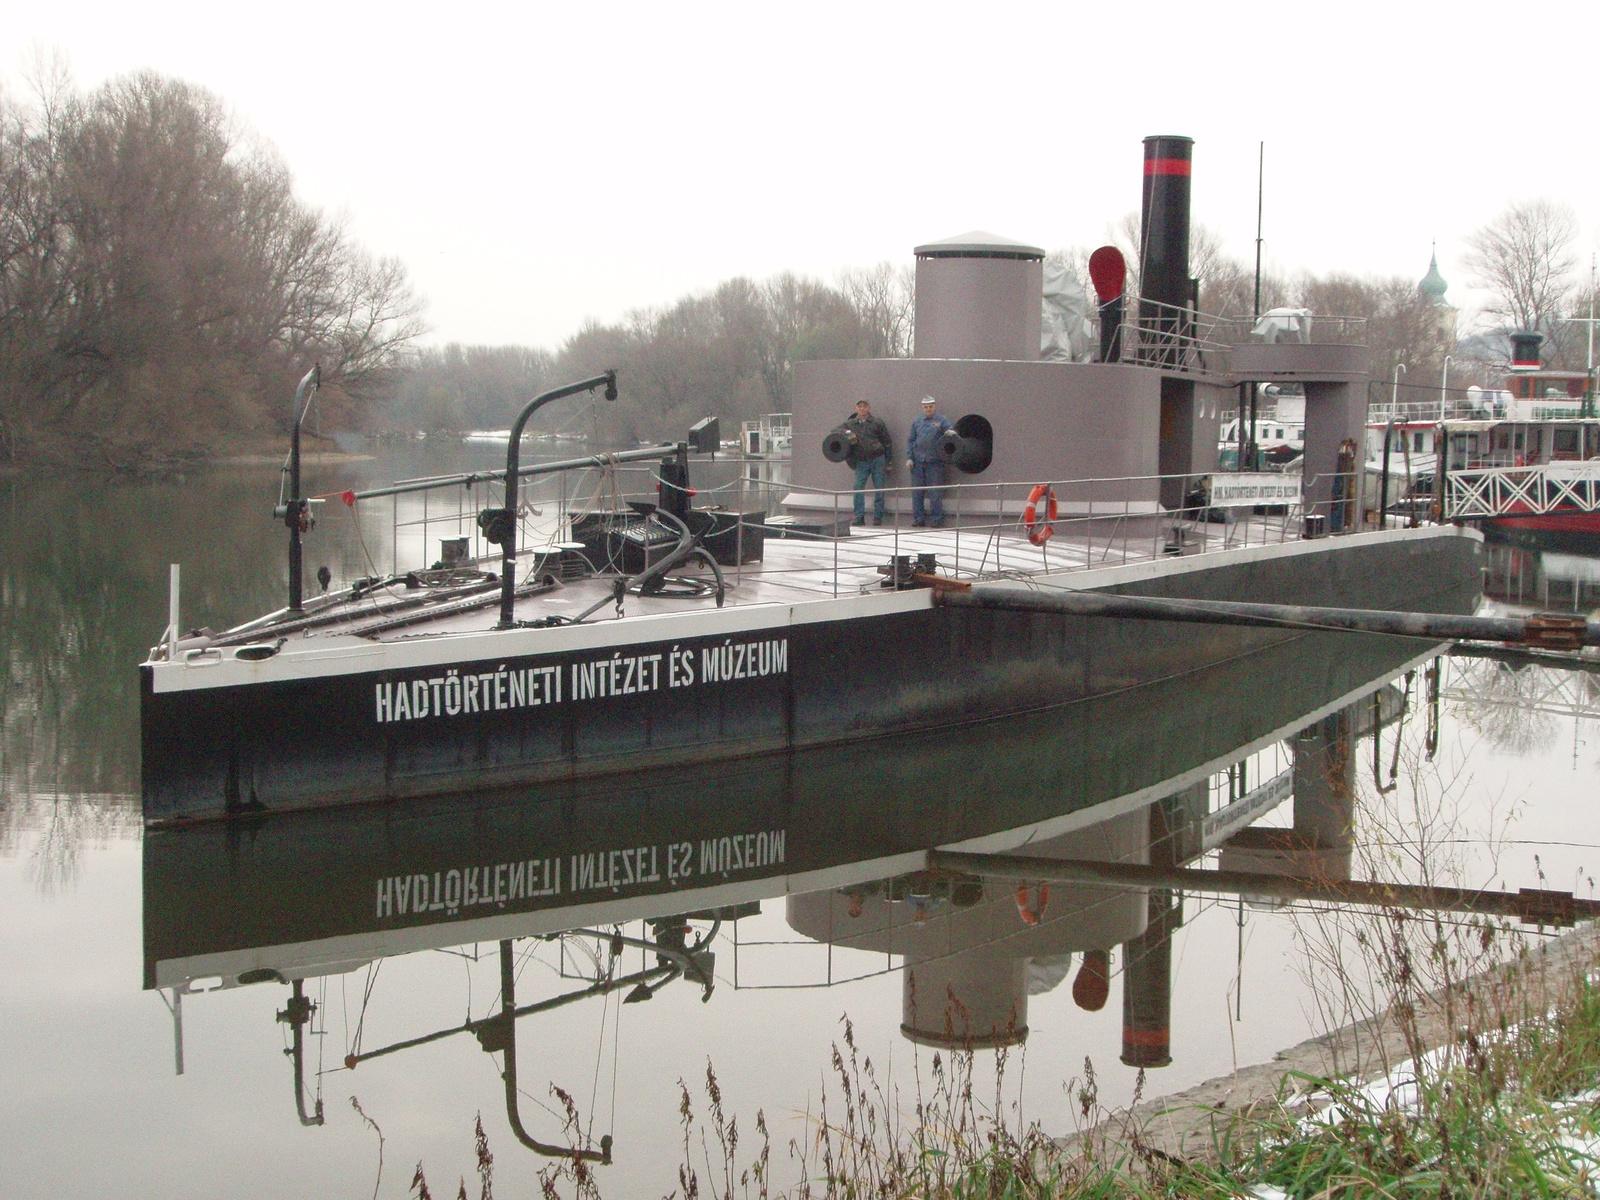 08. A Lajta Monitor Múzeumhajó Neszmélyben